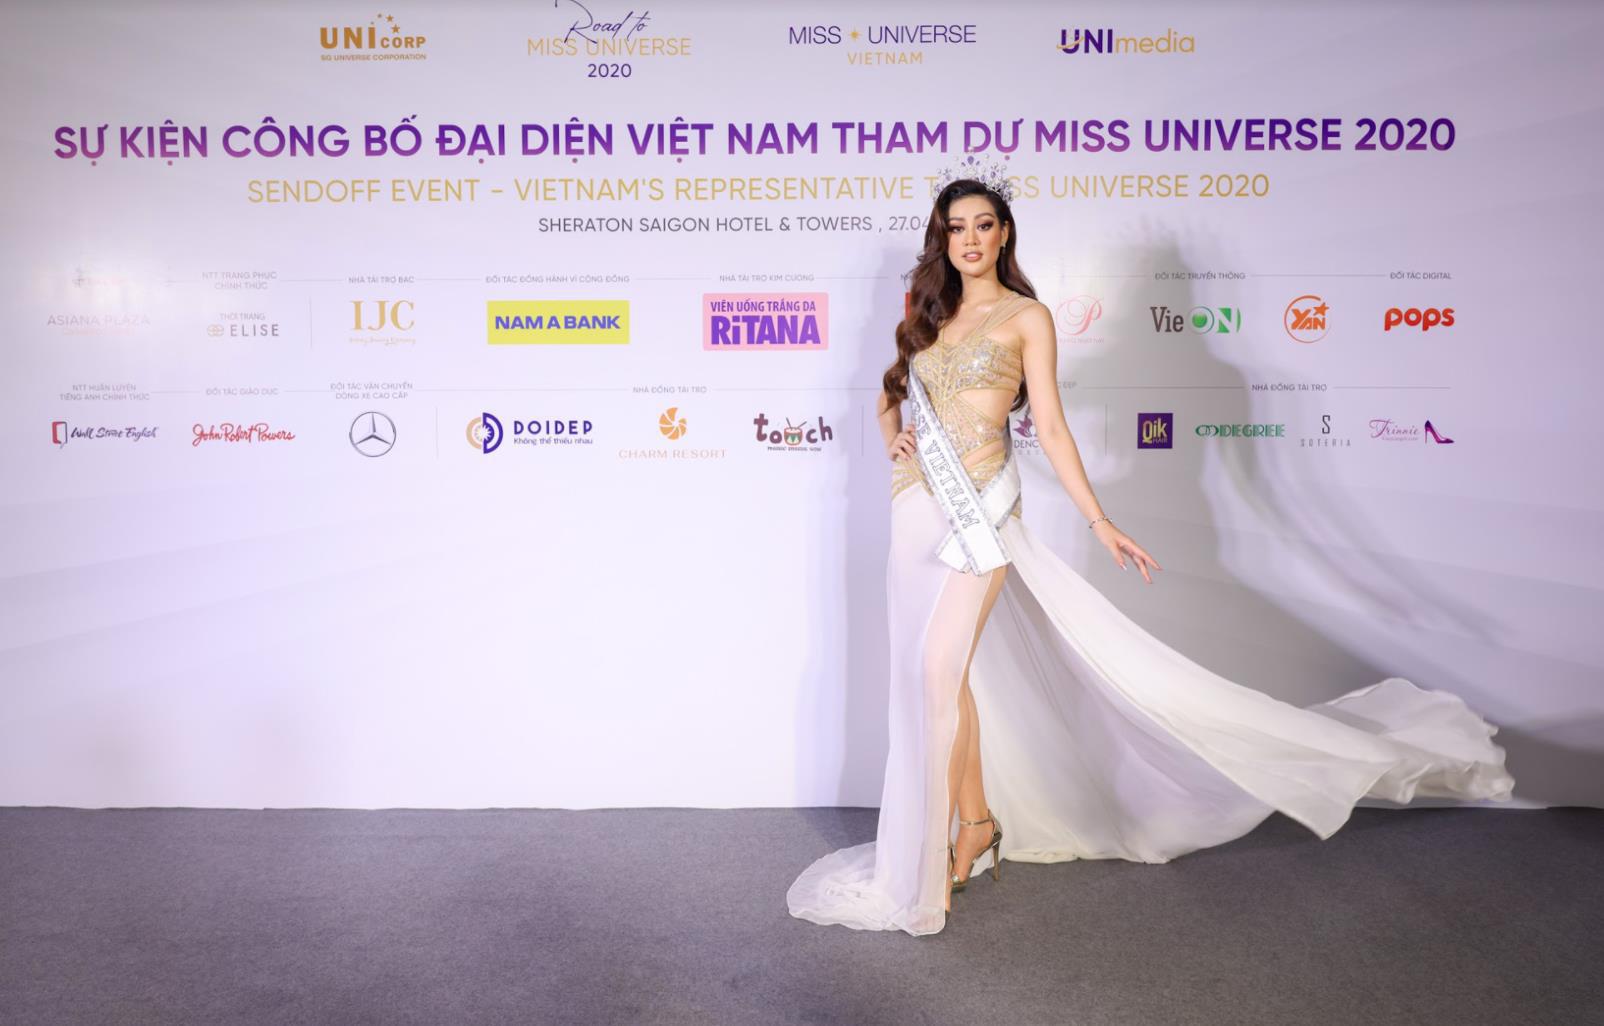 Khánh Vân tự tin, sẵn sàng cho hành trình sắp tới tại Miss Universe 2020 - Ảnh 3.